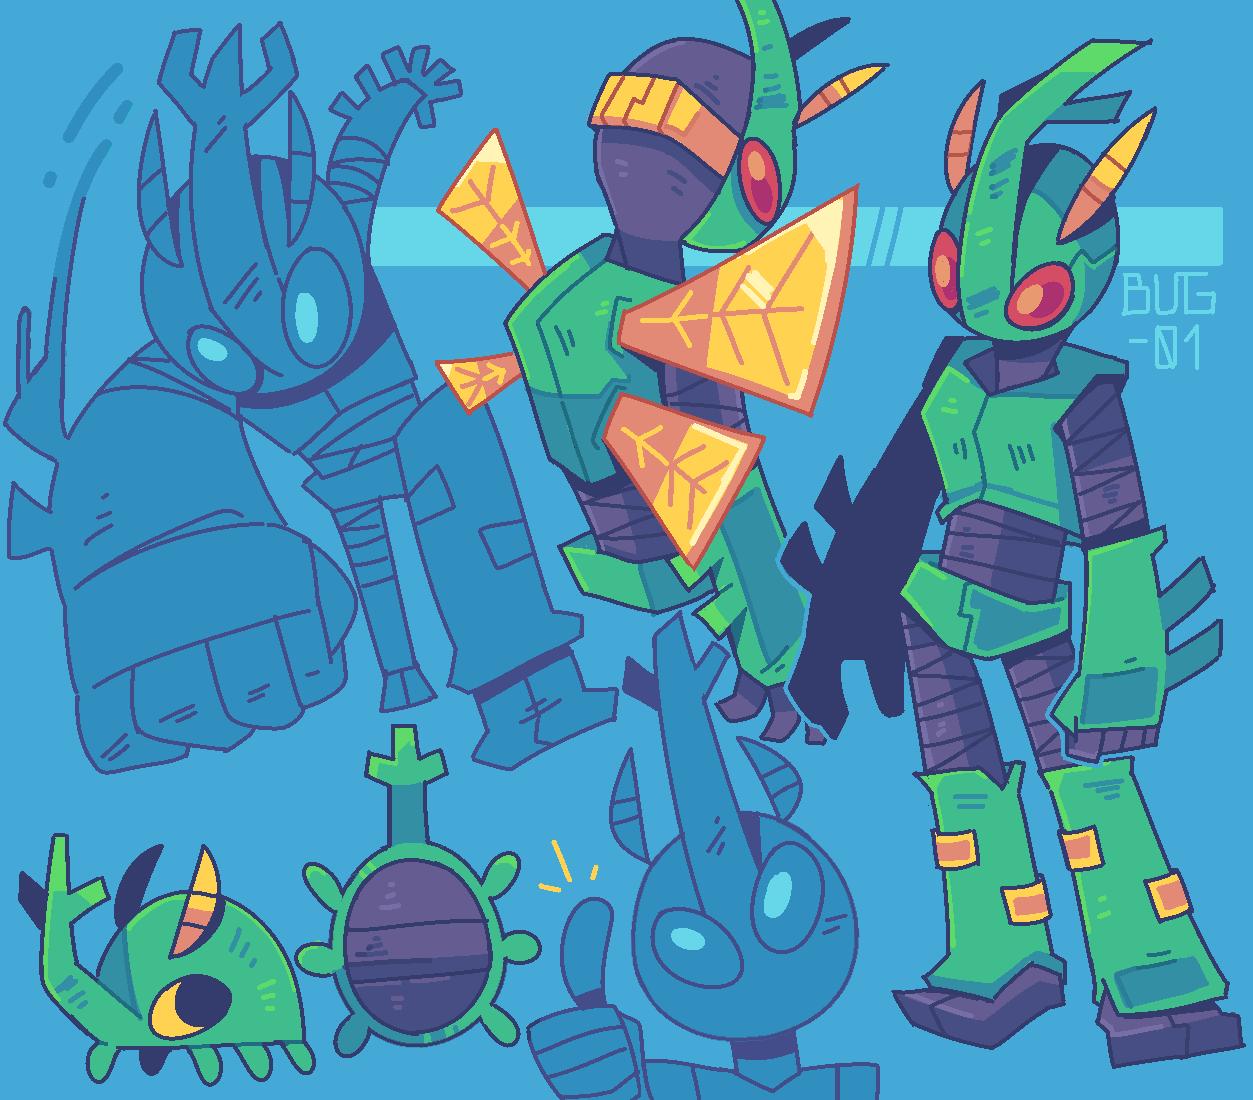 bug guy